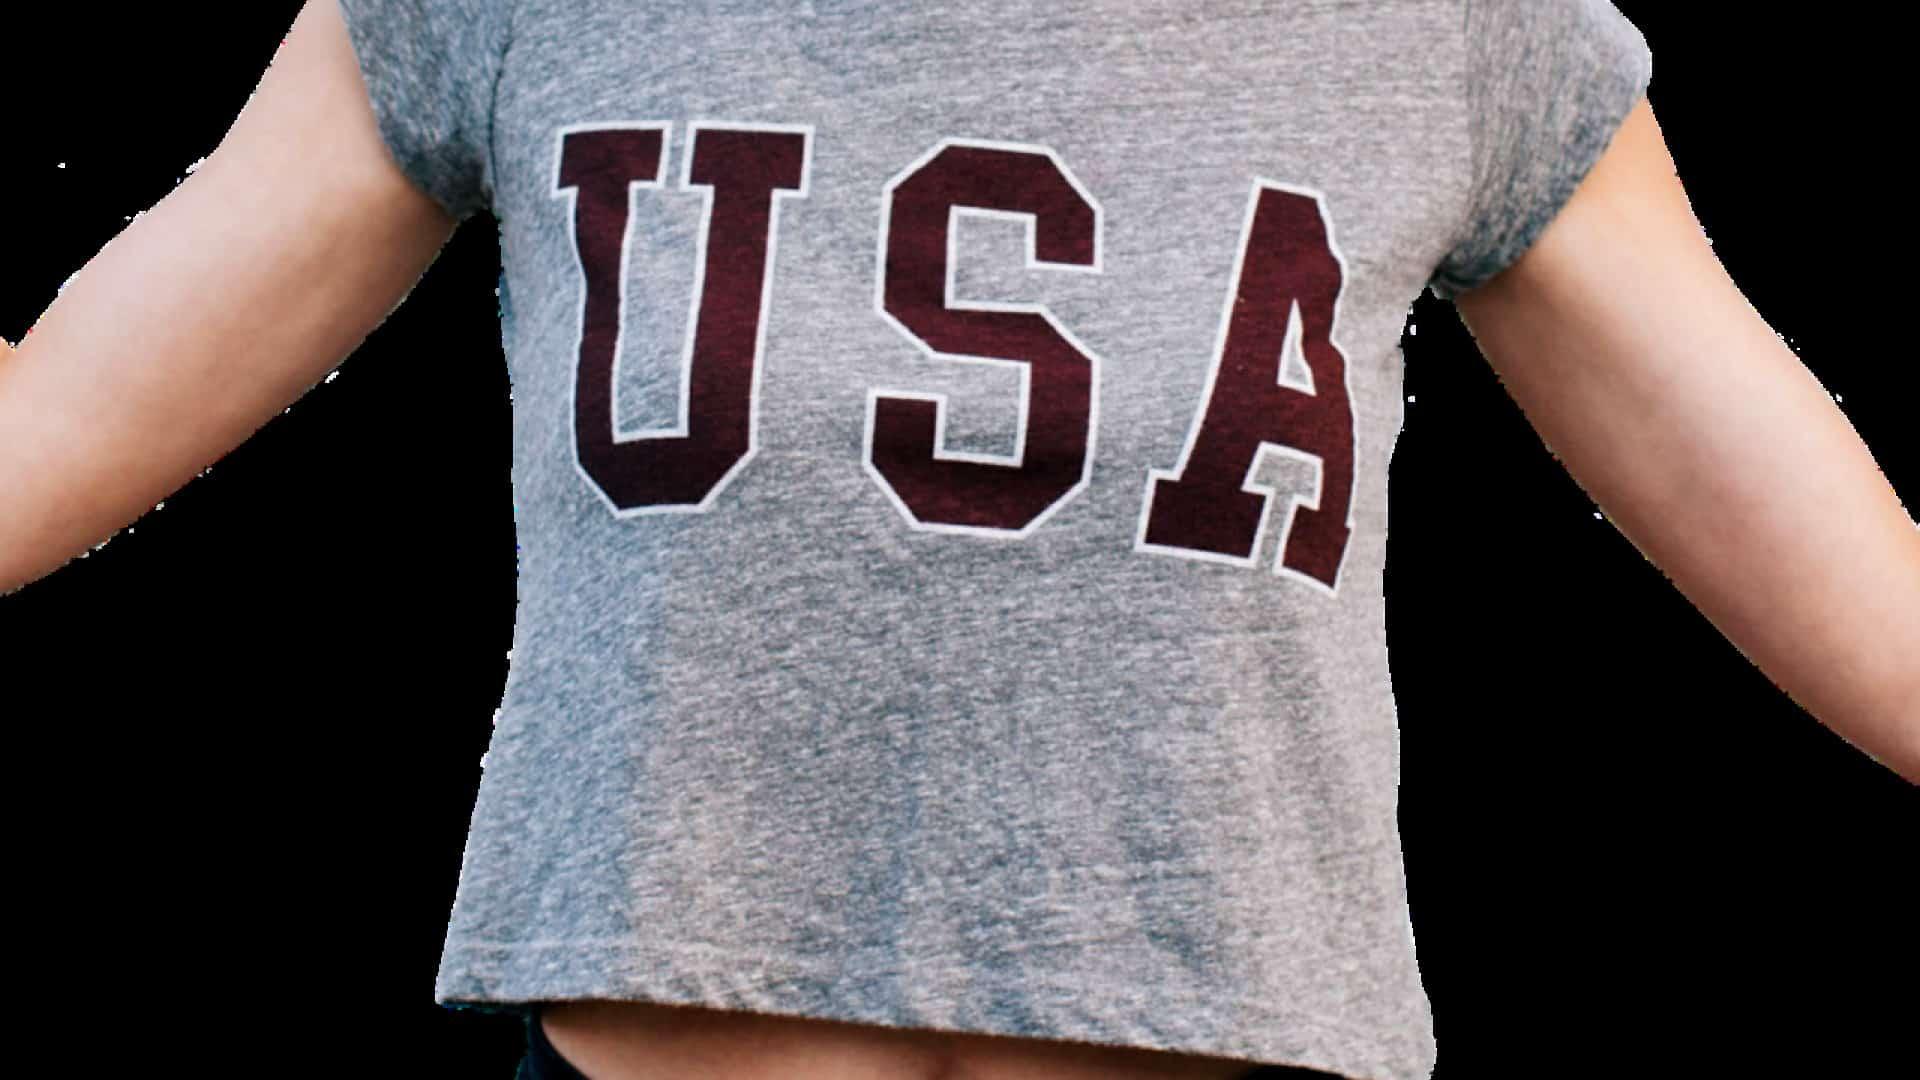 Avec un t shirt personnalis vous tes s r de faire plaisir facefull news - Faire tee shirt personnalise ...